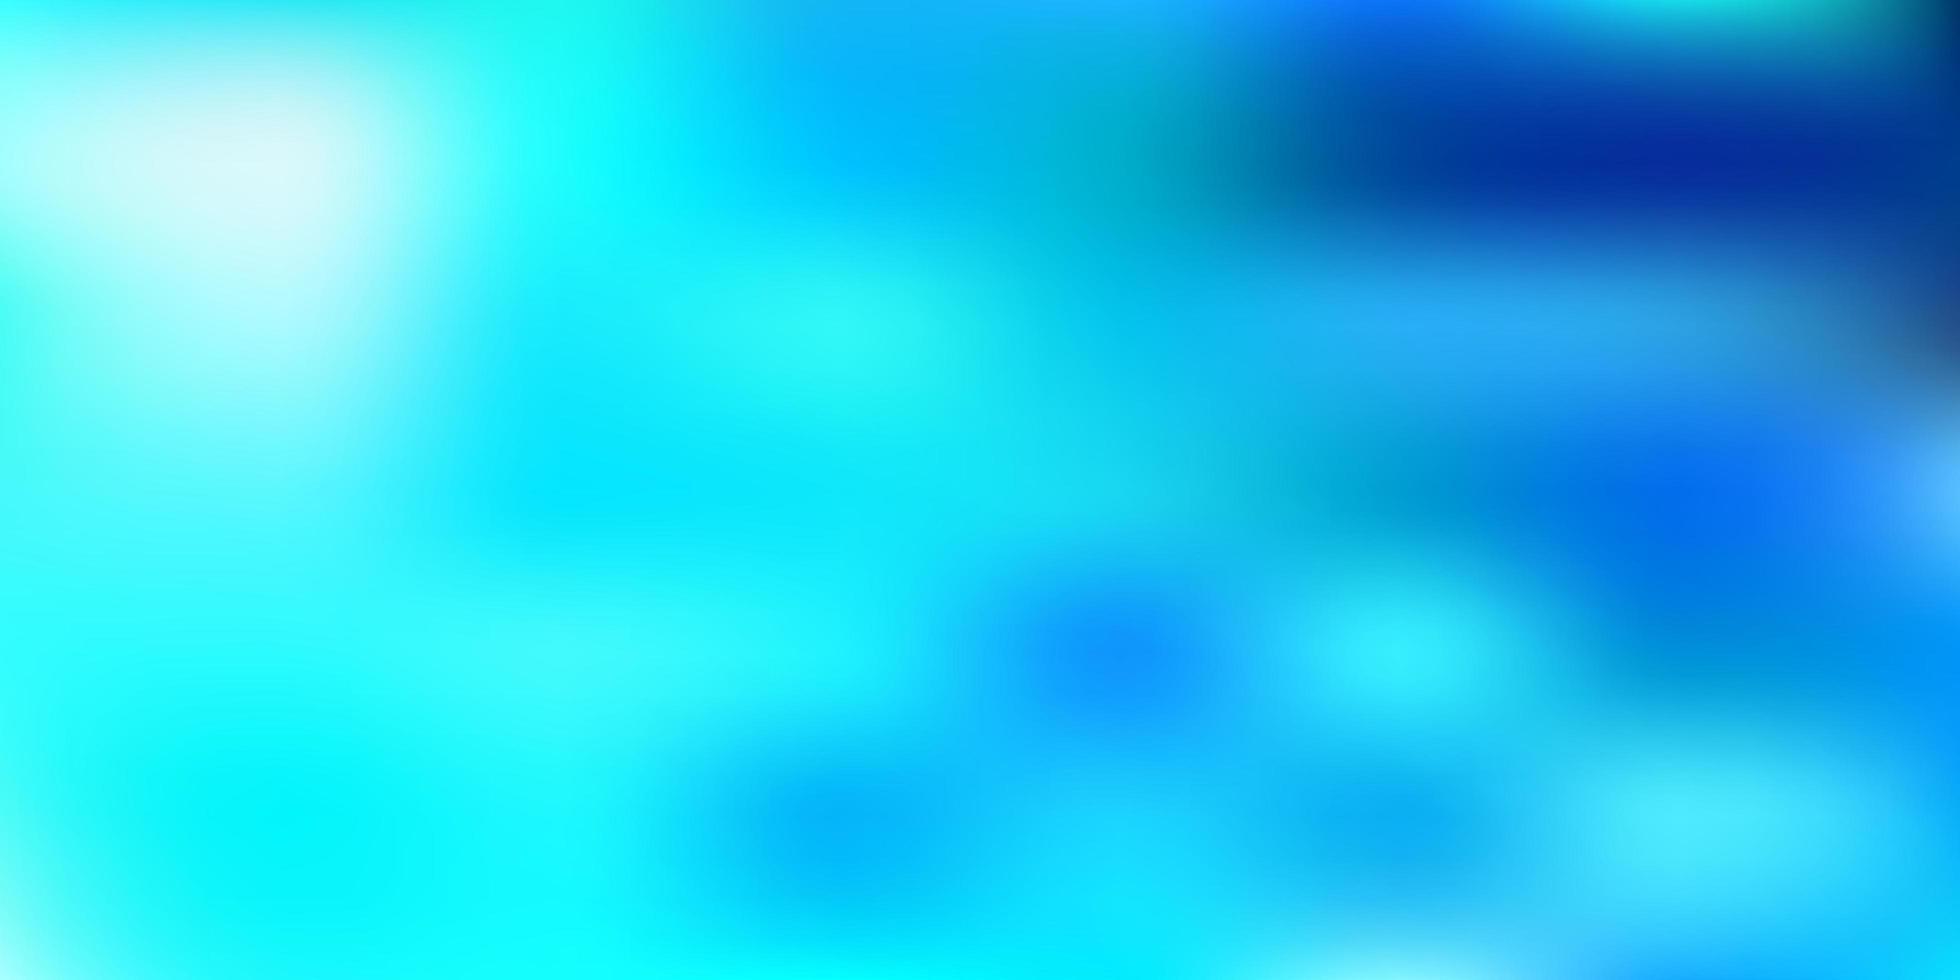 modello di sfocatura vettoriale blu chiaro